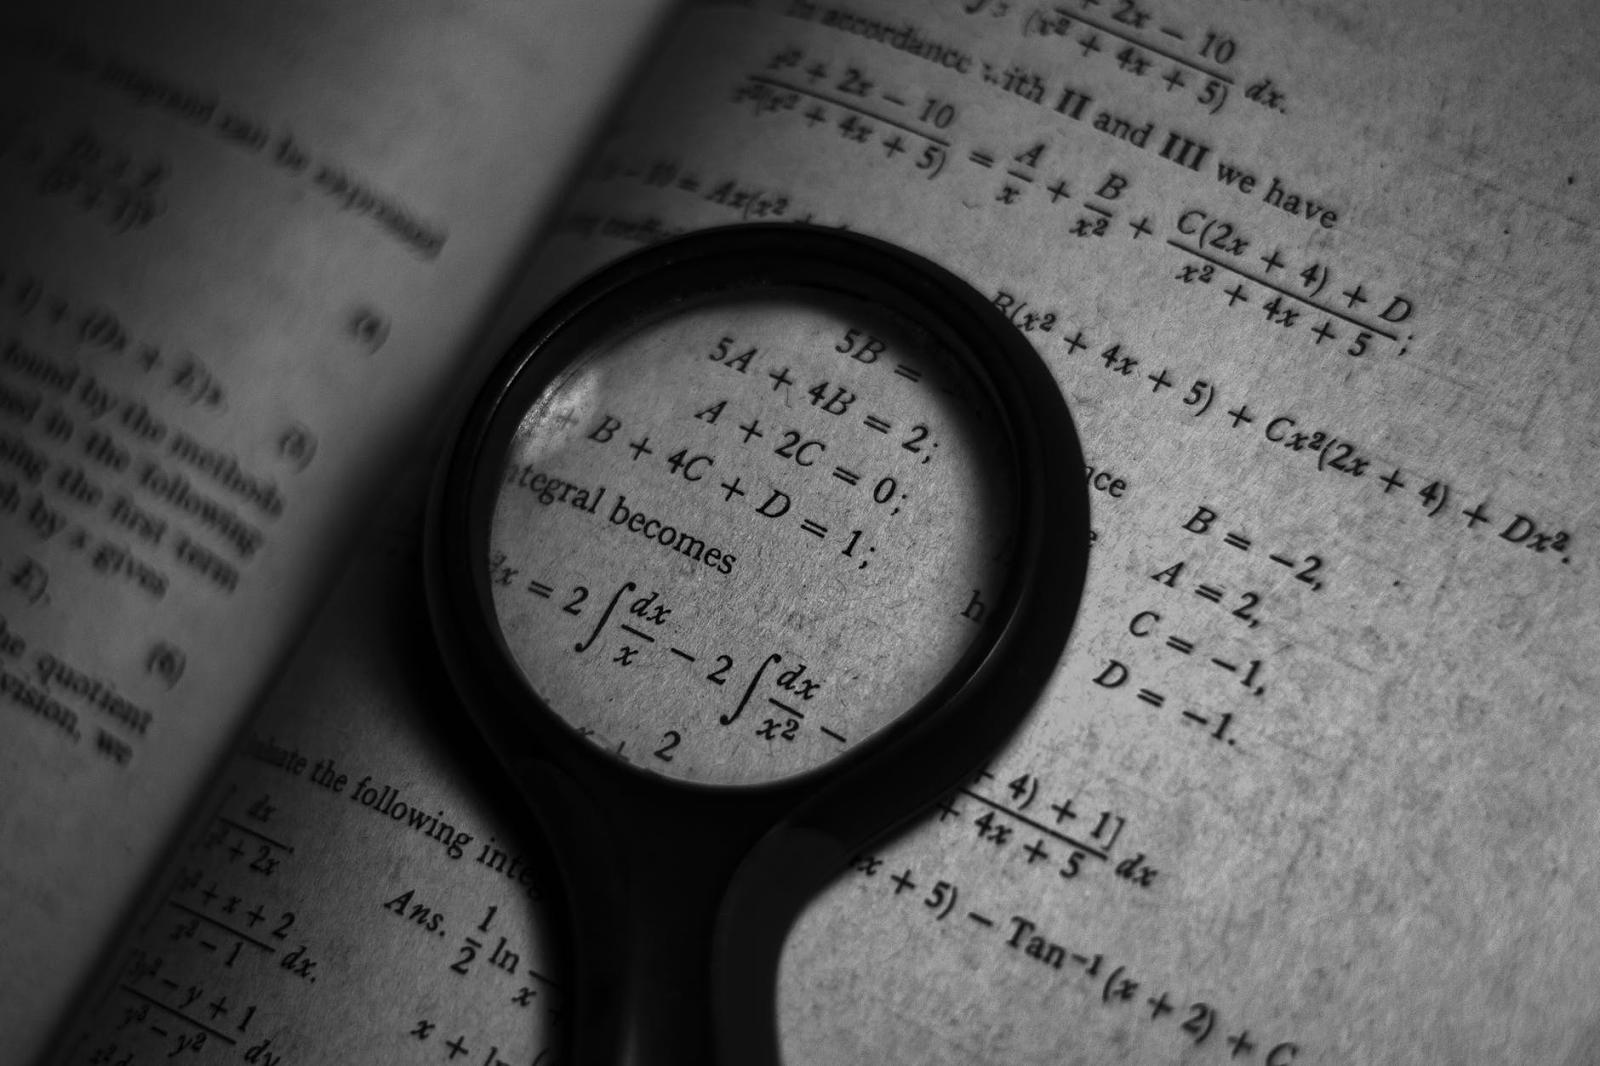 Livro de matemática com lupa colocada em cima -  Aprender programação